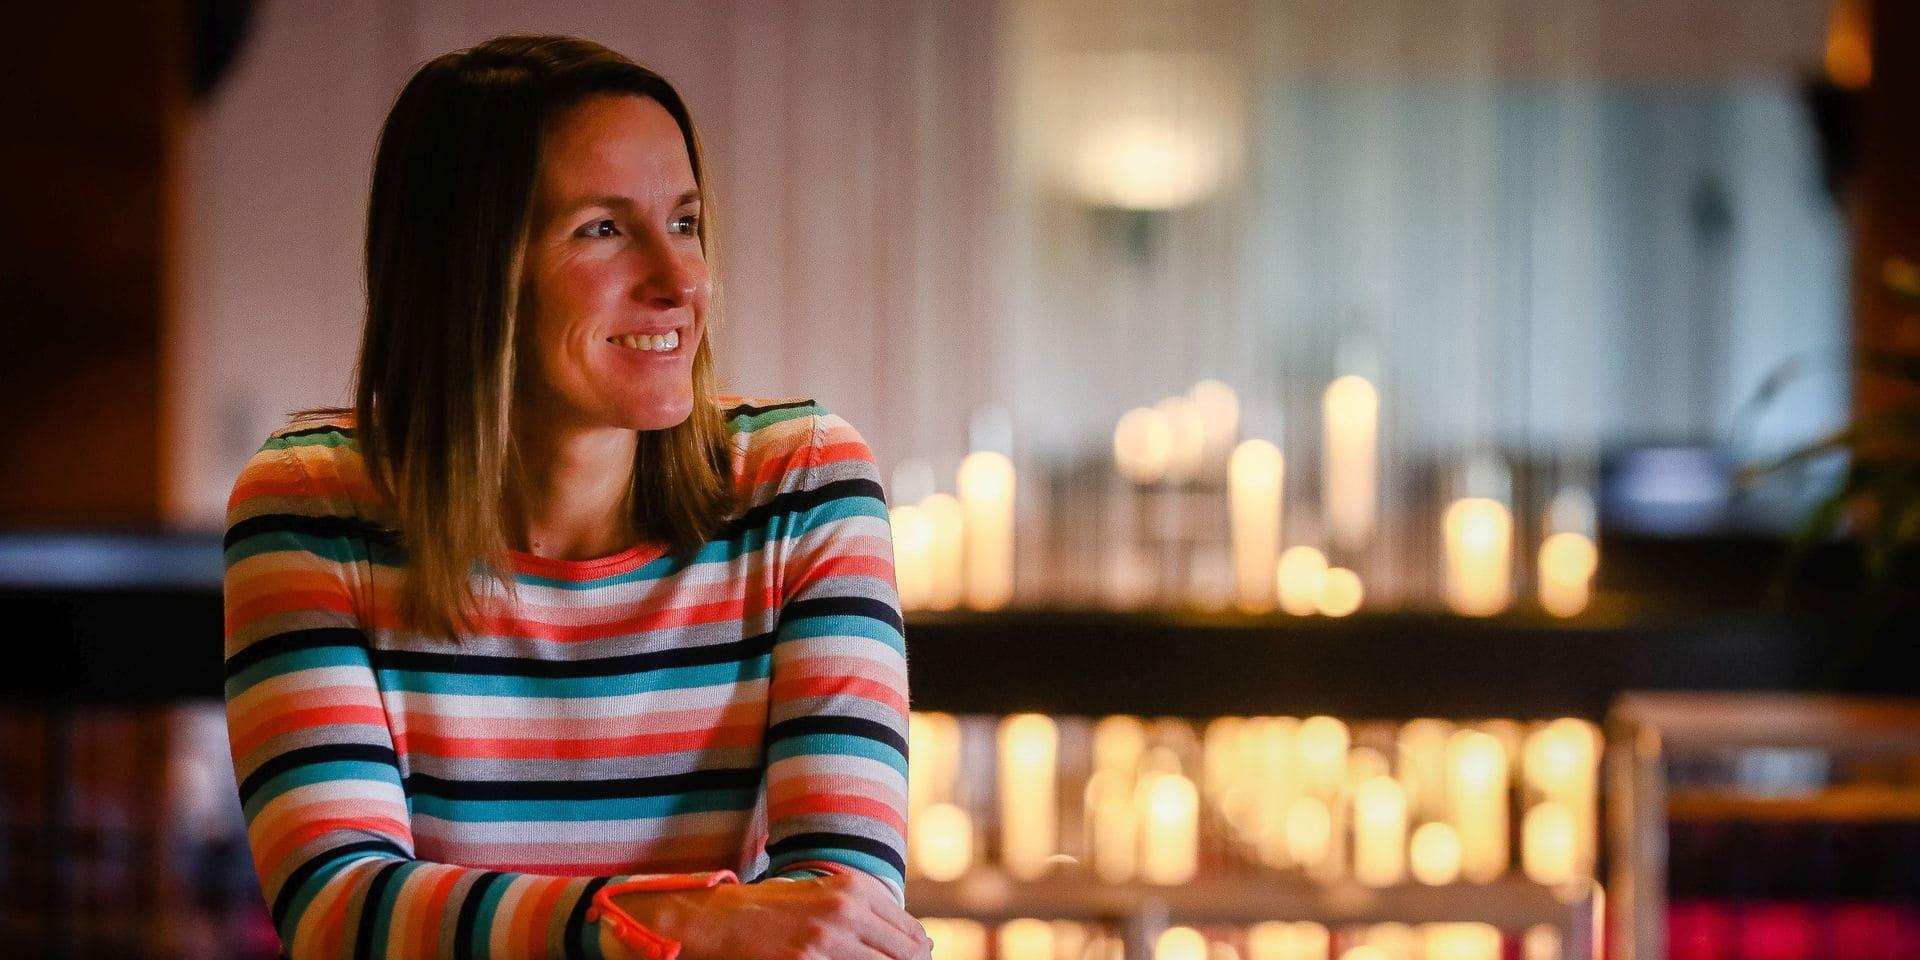 """Justine Henin, 10 ans plus tard... : """"Une remise en question remarquable de ses objectifs de vie"""""""